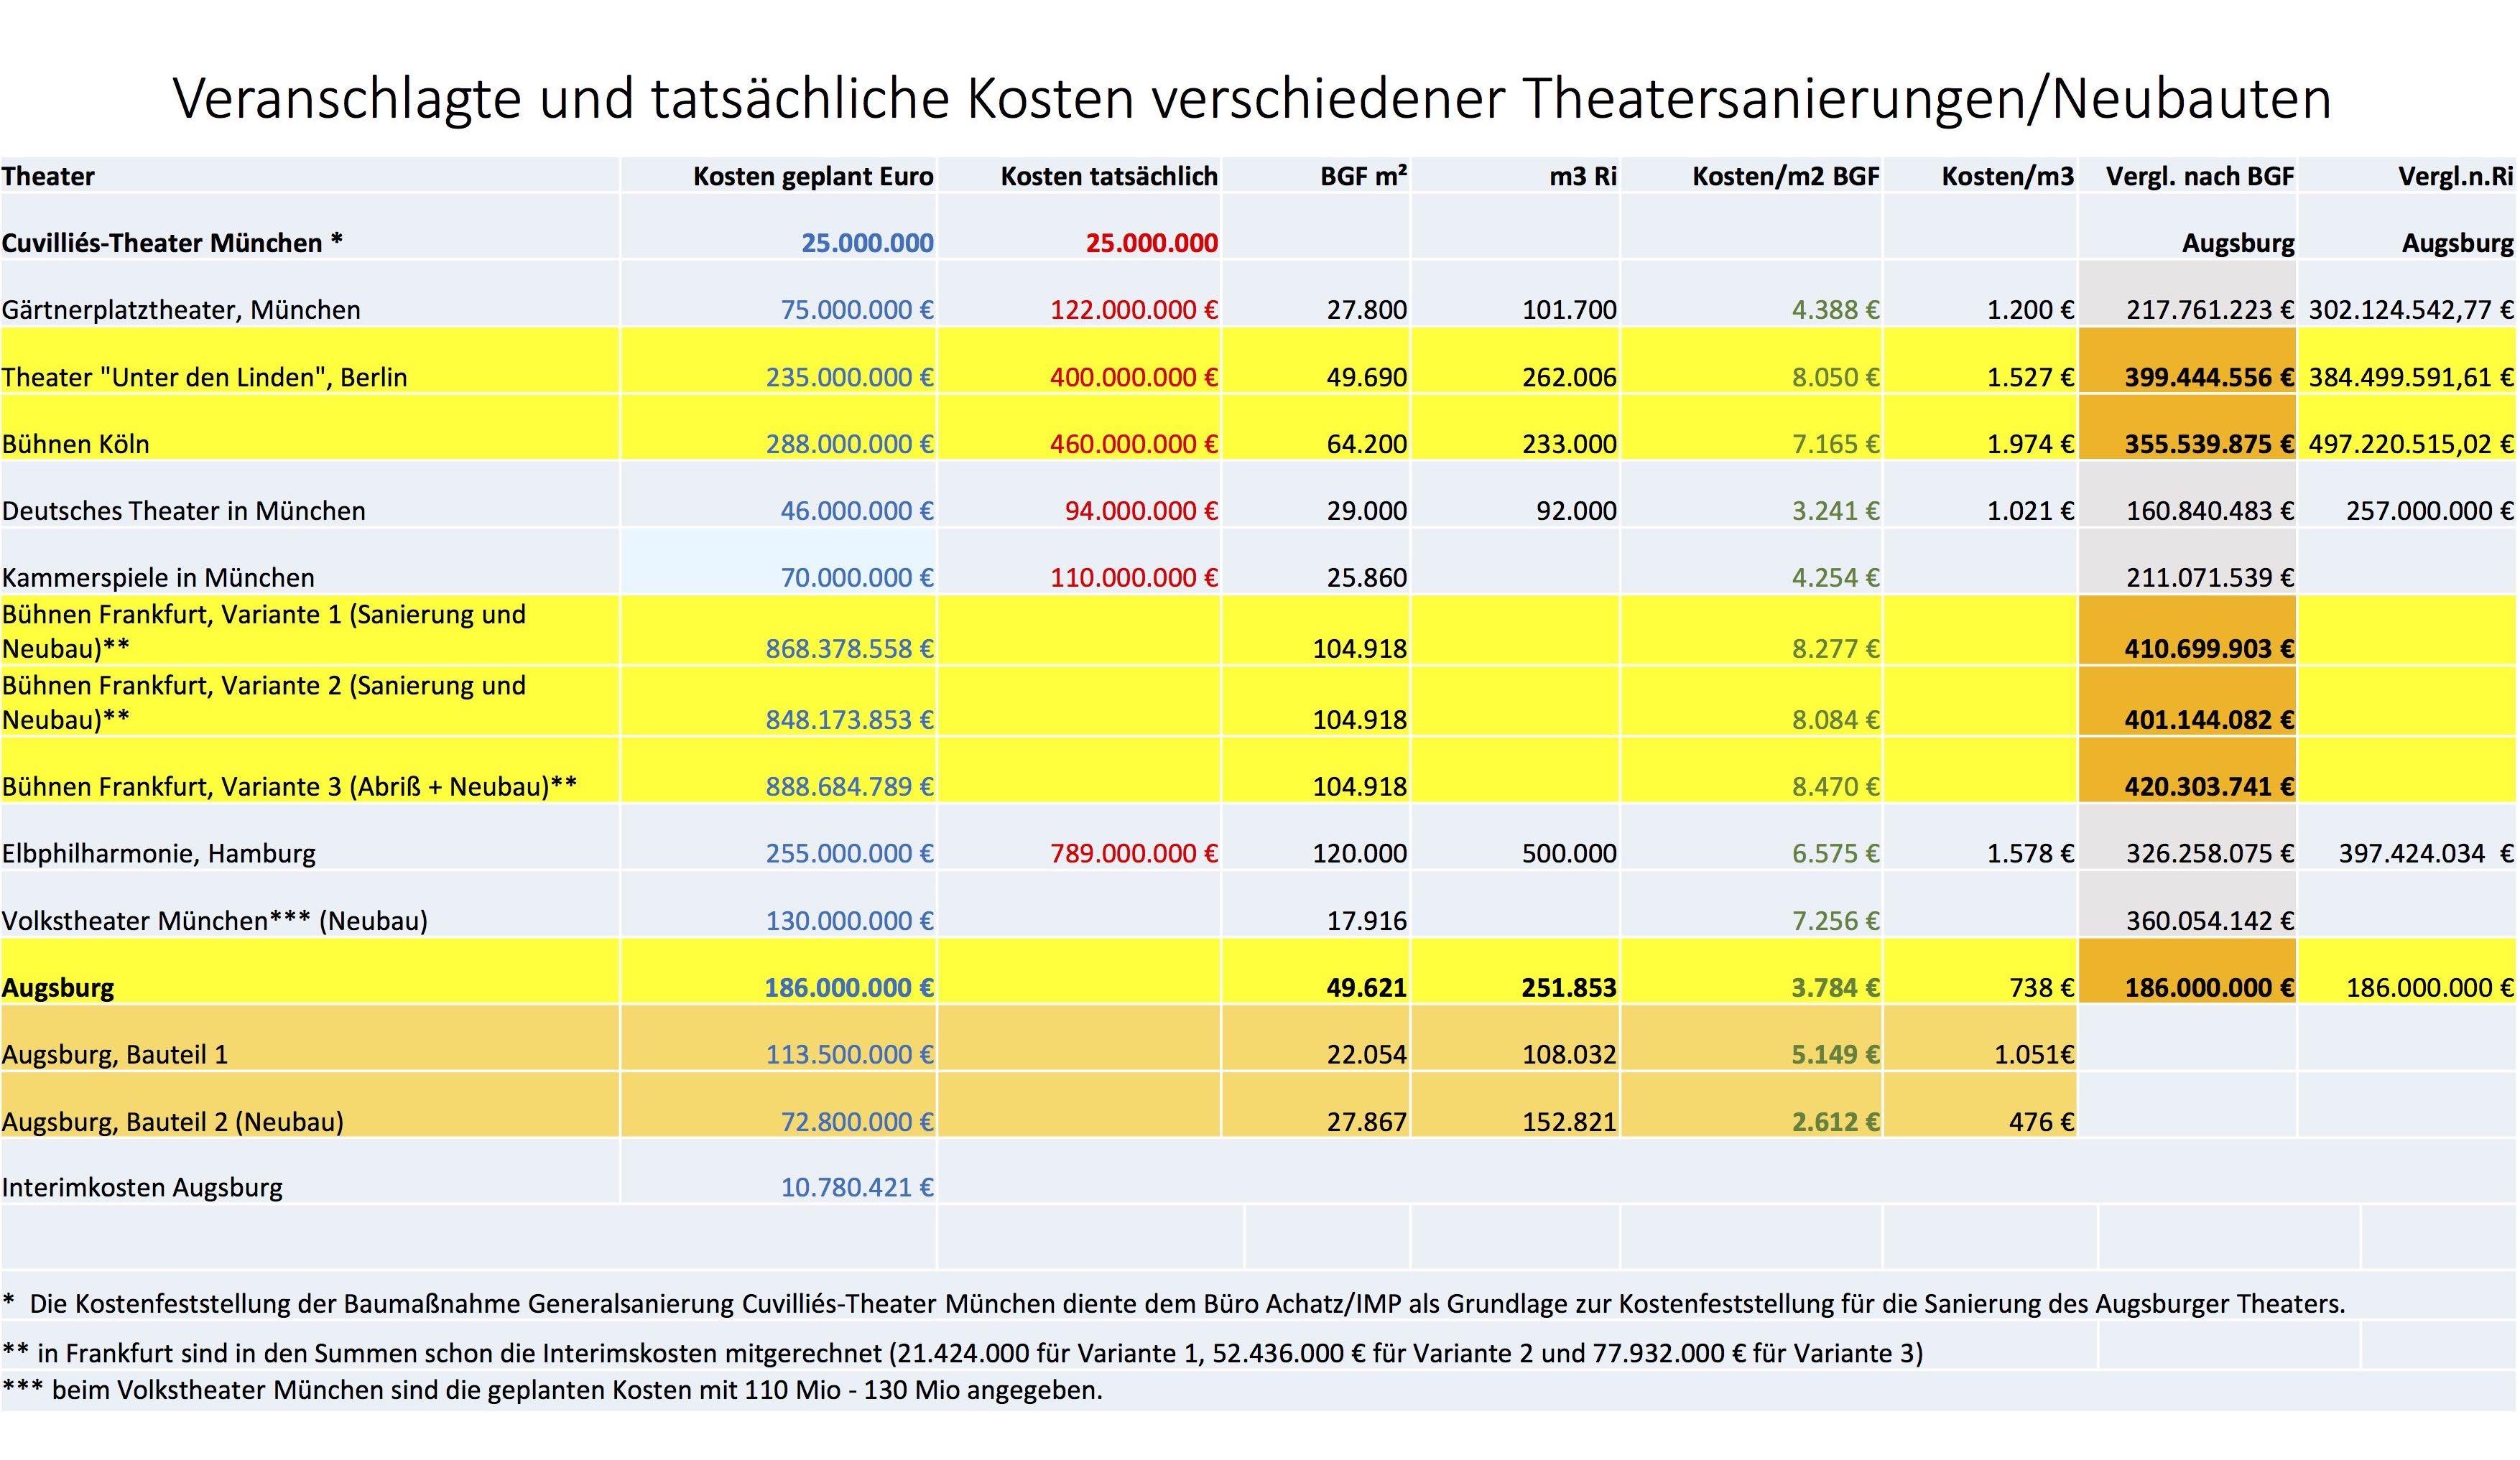 Vergleichstabelle Theatersanierungen in Deutschland (c) Volker Schafitel